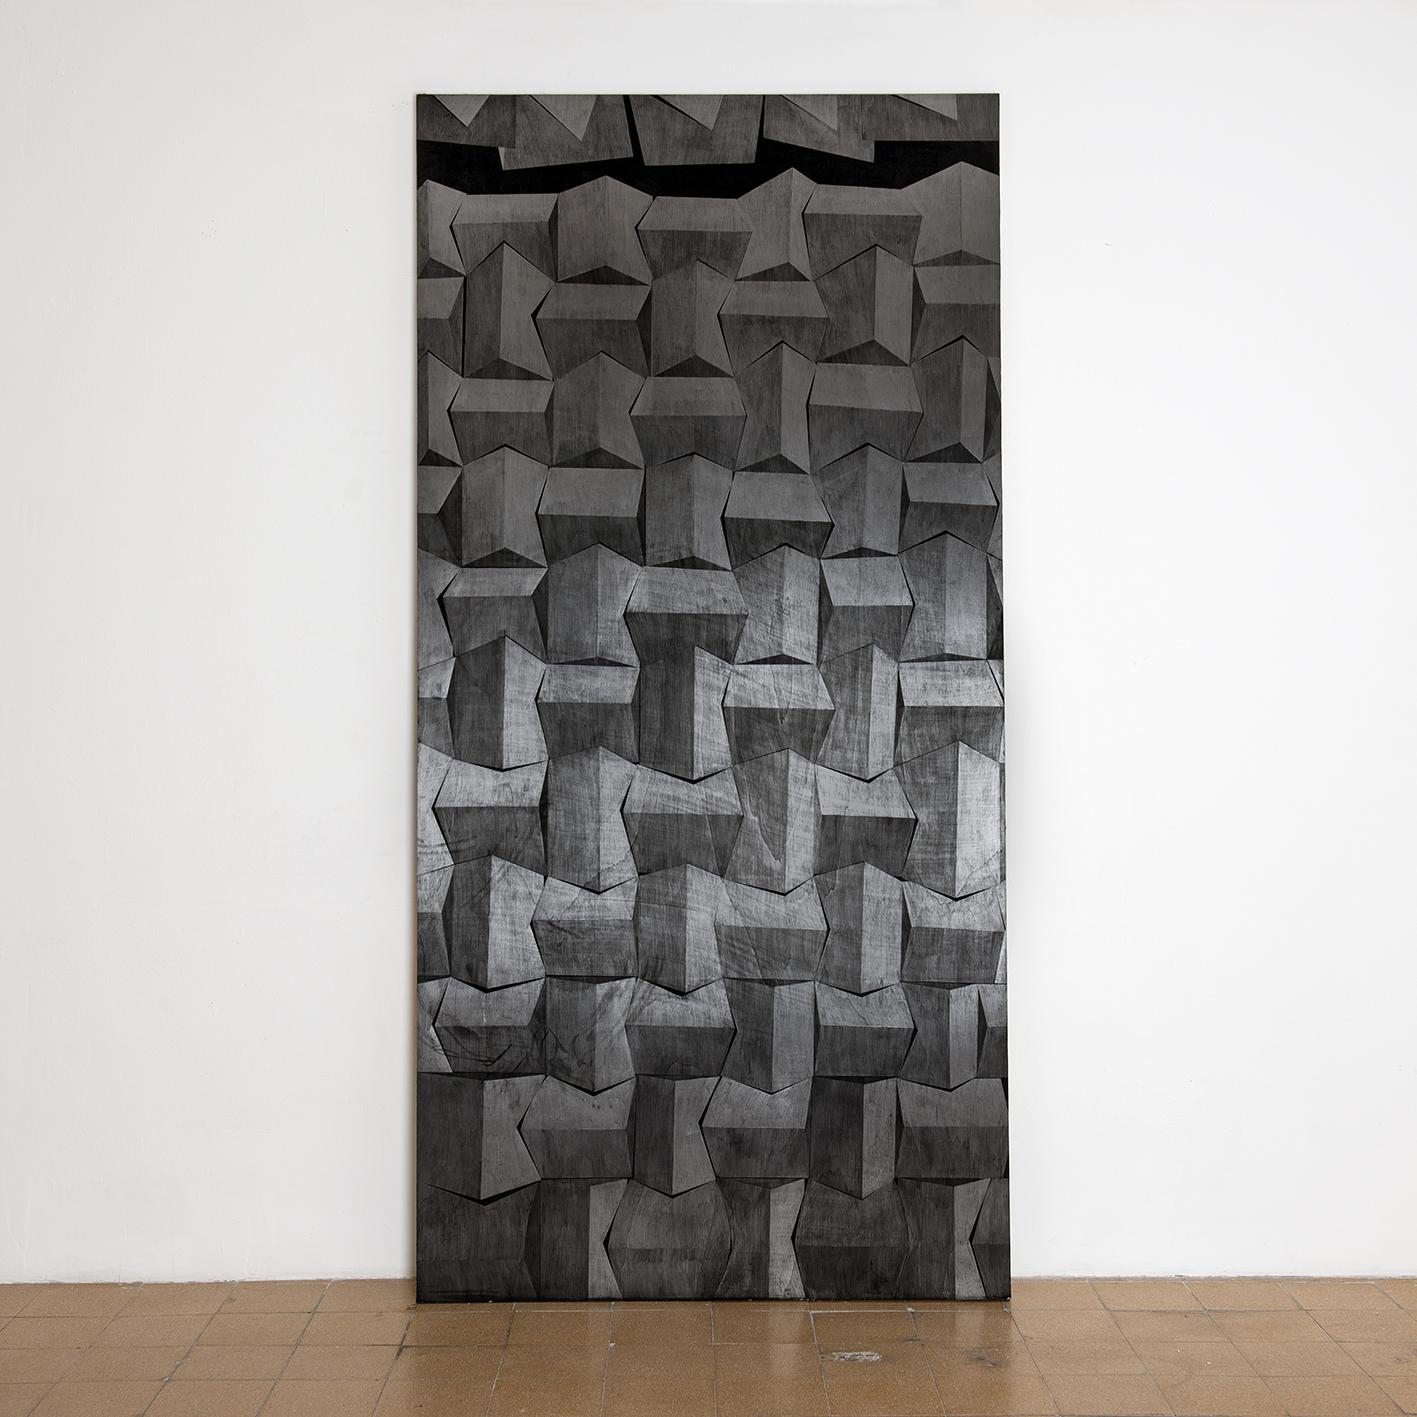 מתוך הסדרה 'קירות אקוסטים', פחם וגרפיט על עץ, 250X122 סמ 2014 (2).jpg